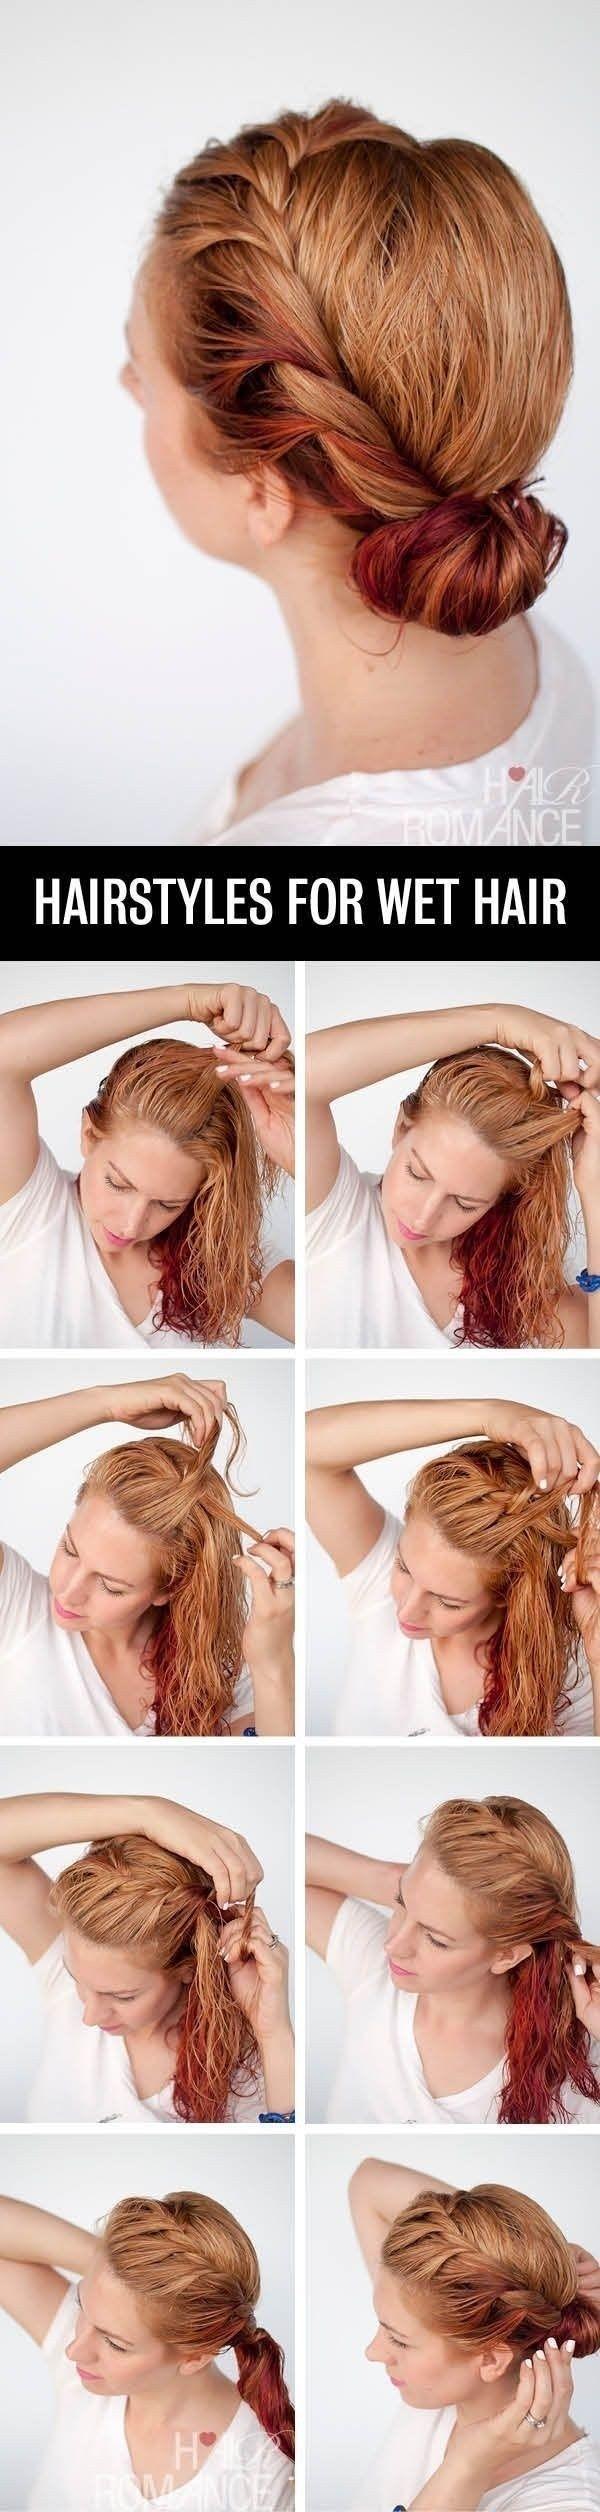 ¿Vas con retraso y tienes el pelo aún mojado de la ducha? Hazte una trenza de corona o enrosca tu pelo mojado y recógelo en un moño.